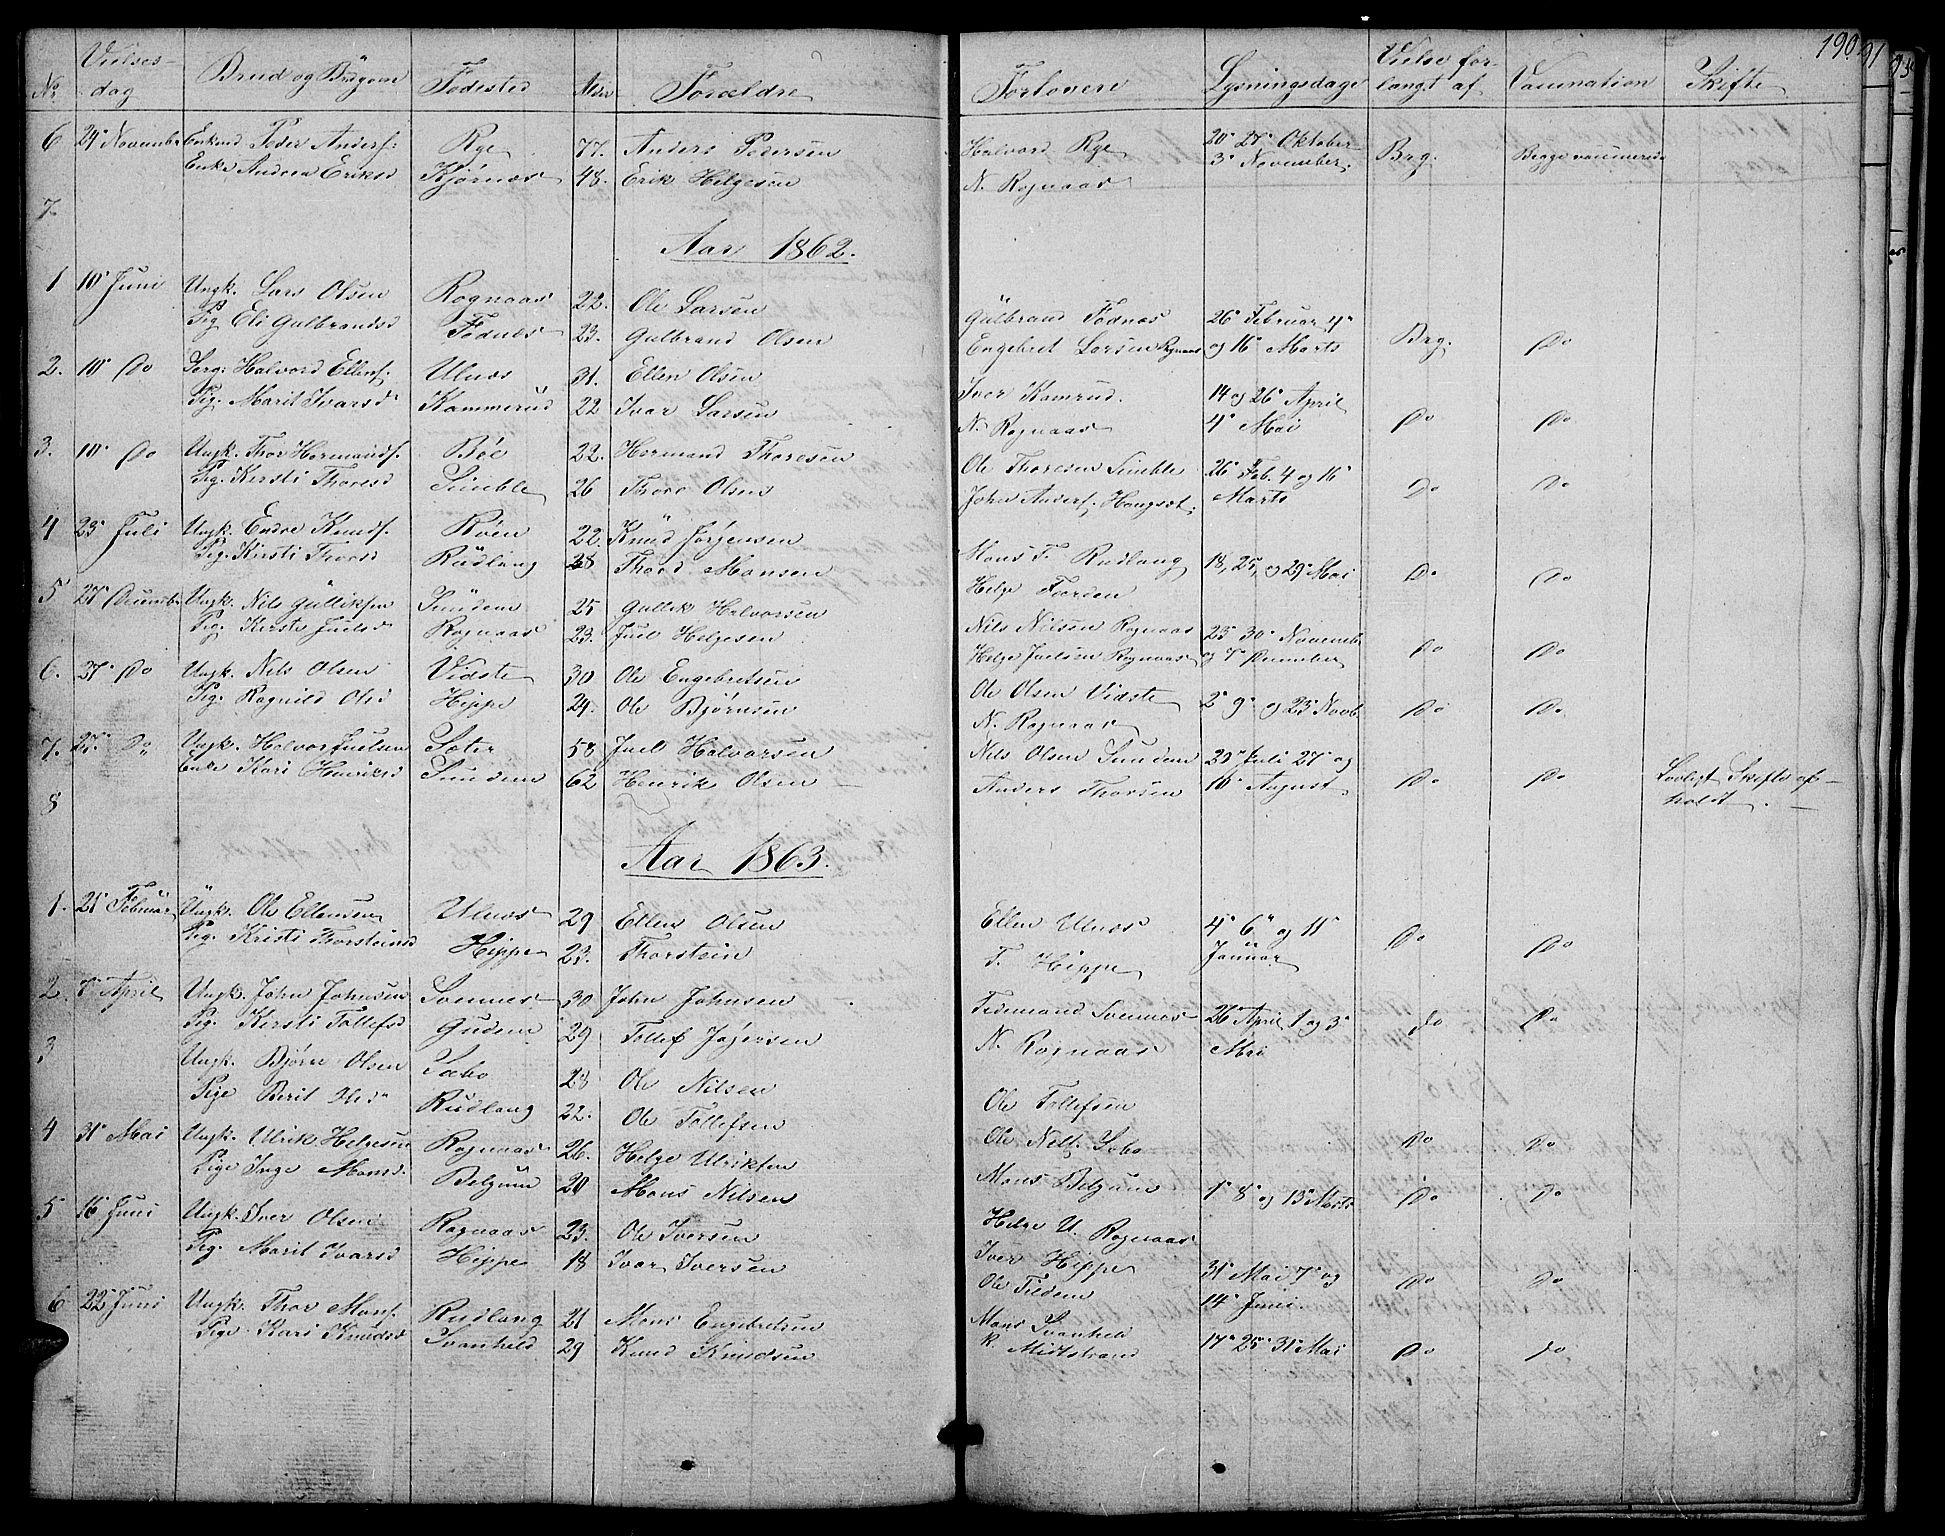 SAH, Nord-Aurdal prestekontor, Klokkerbok nr. 4, 1842-1882, s. 190